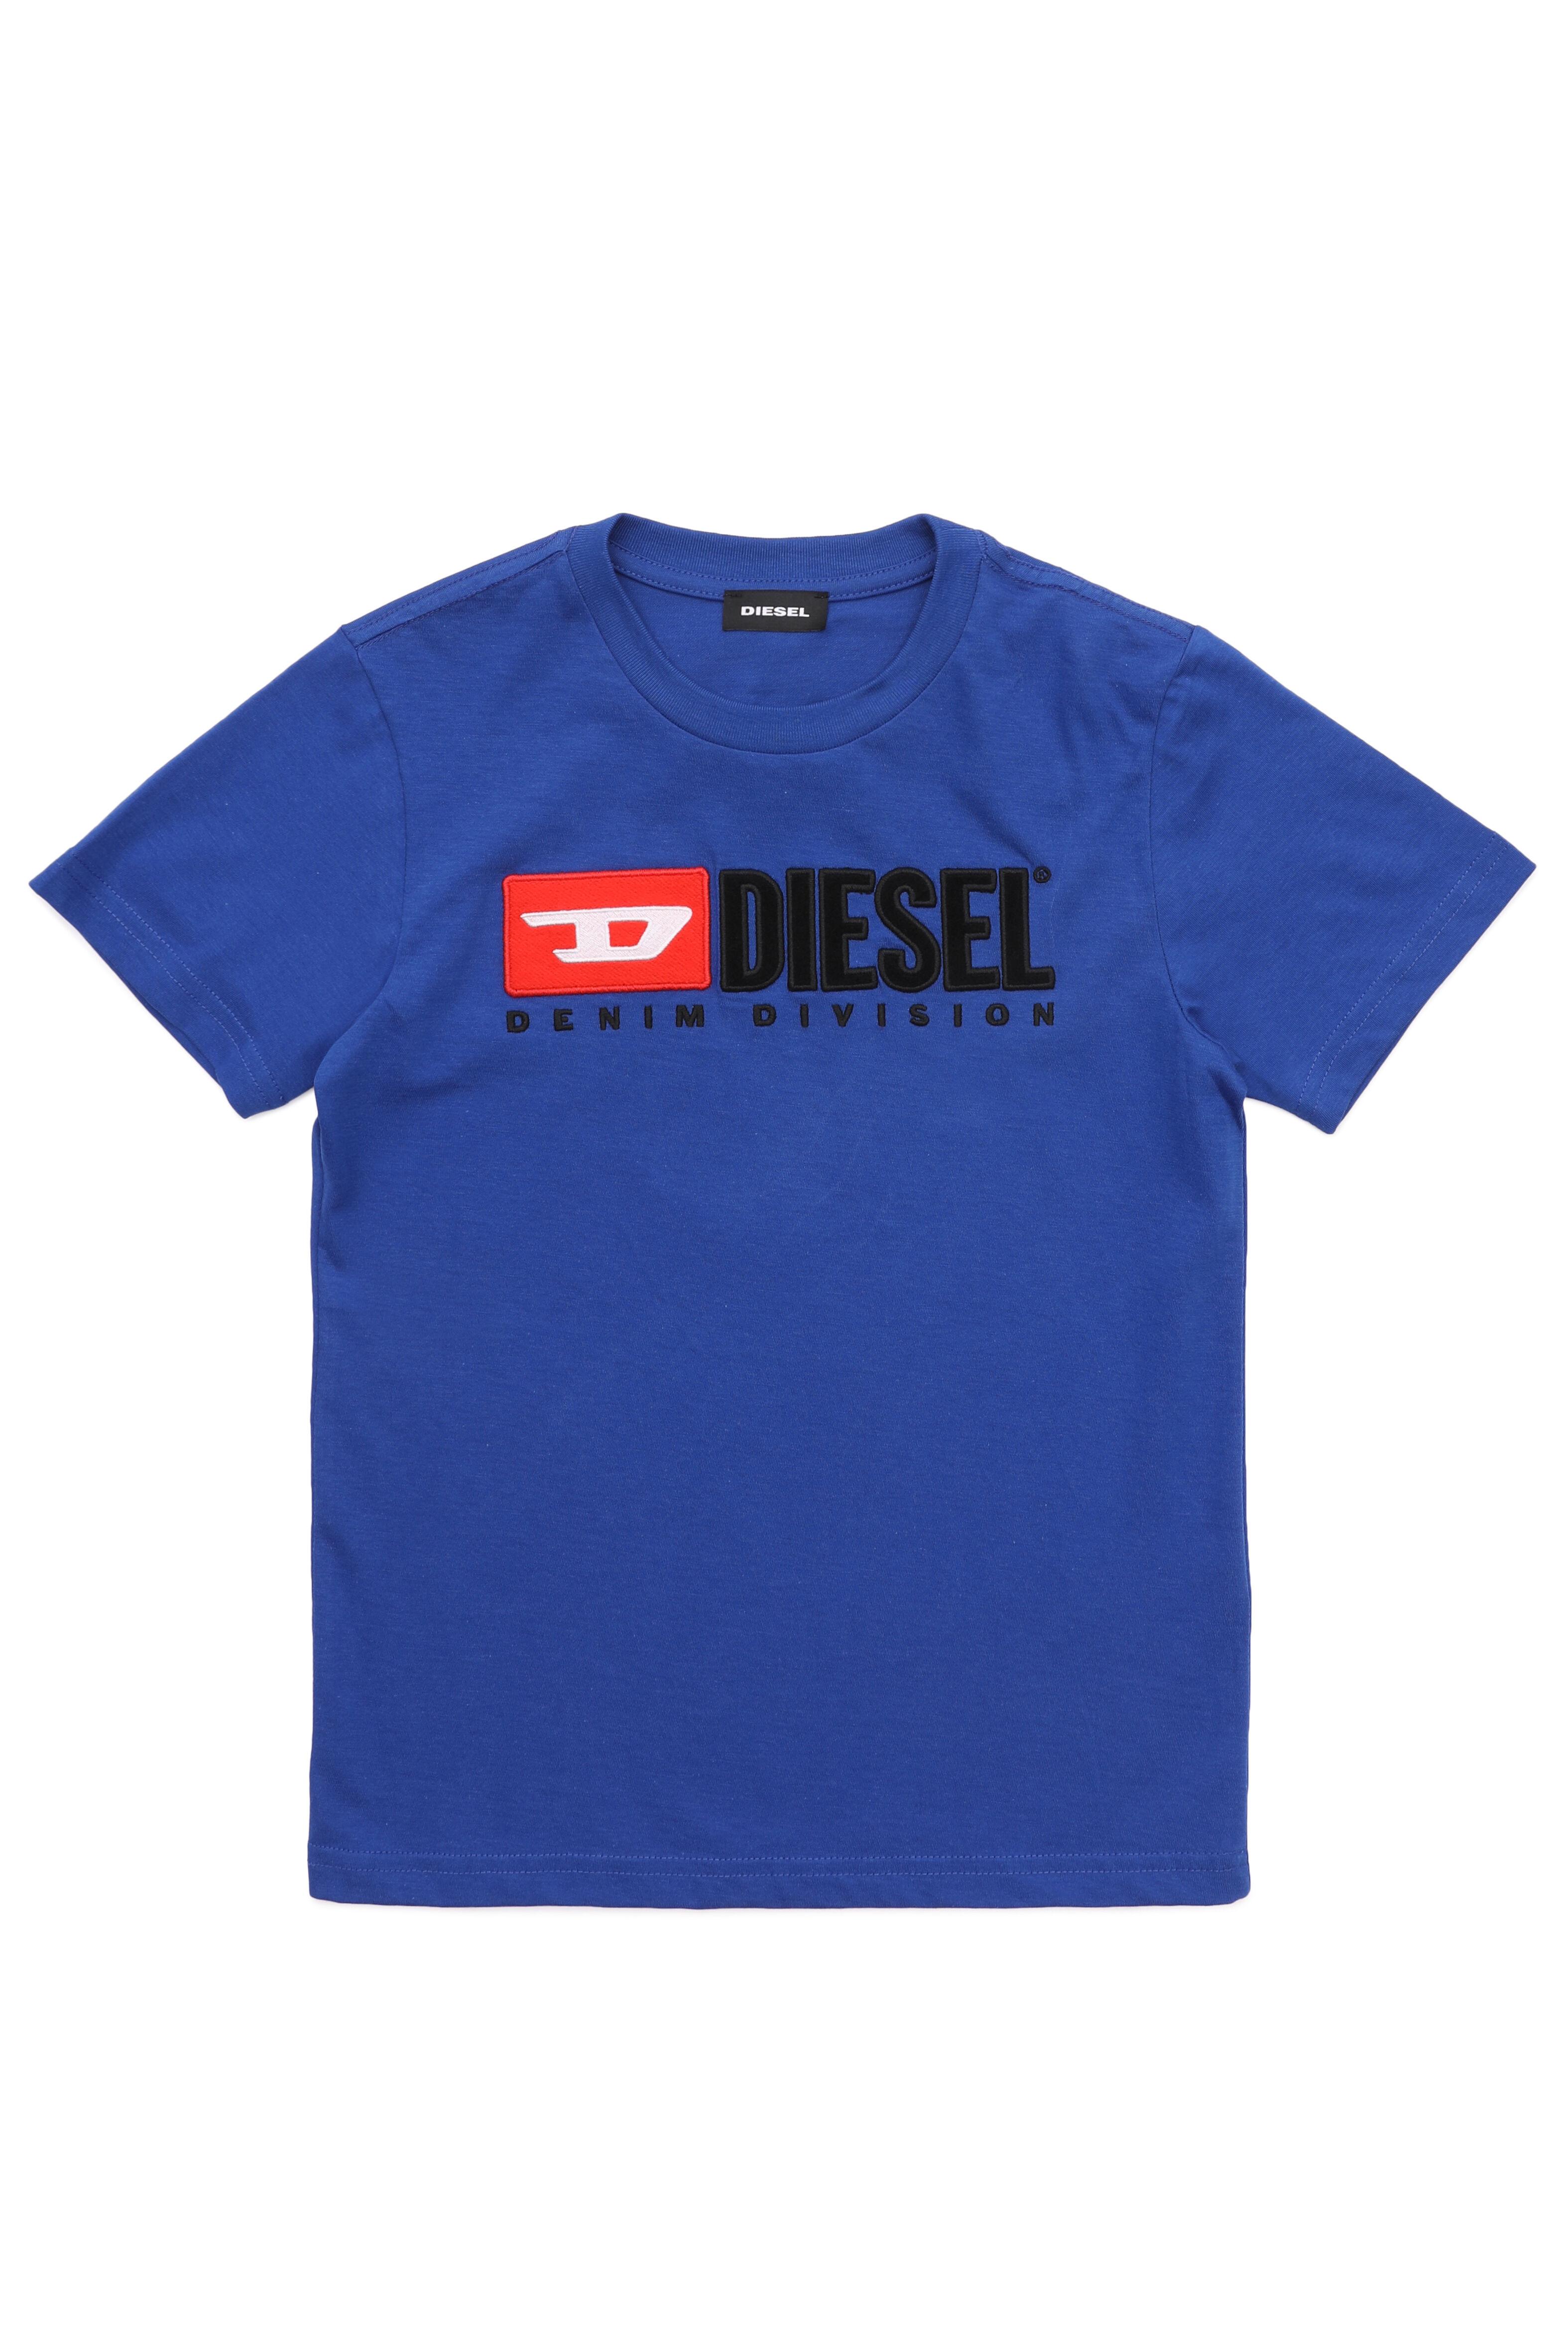 Tjustdivision Maglietta - Diesel Kid